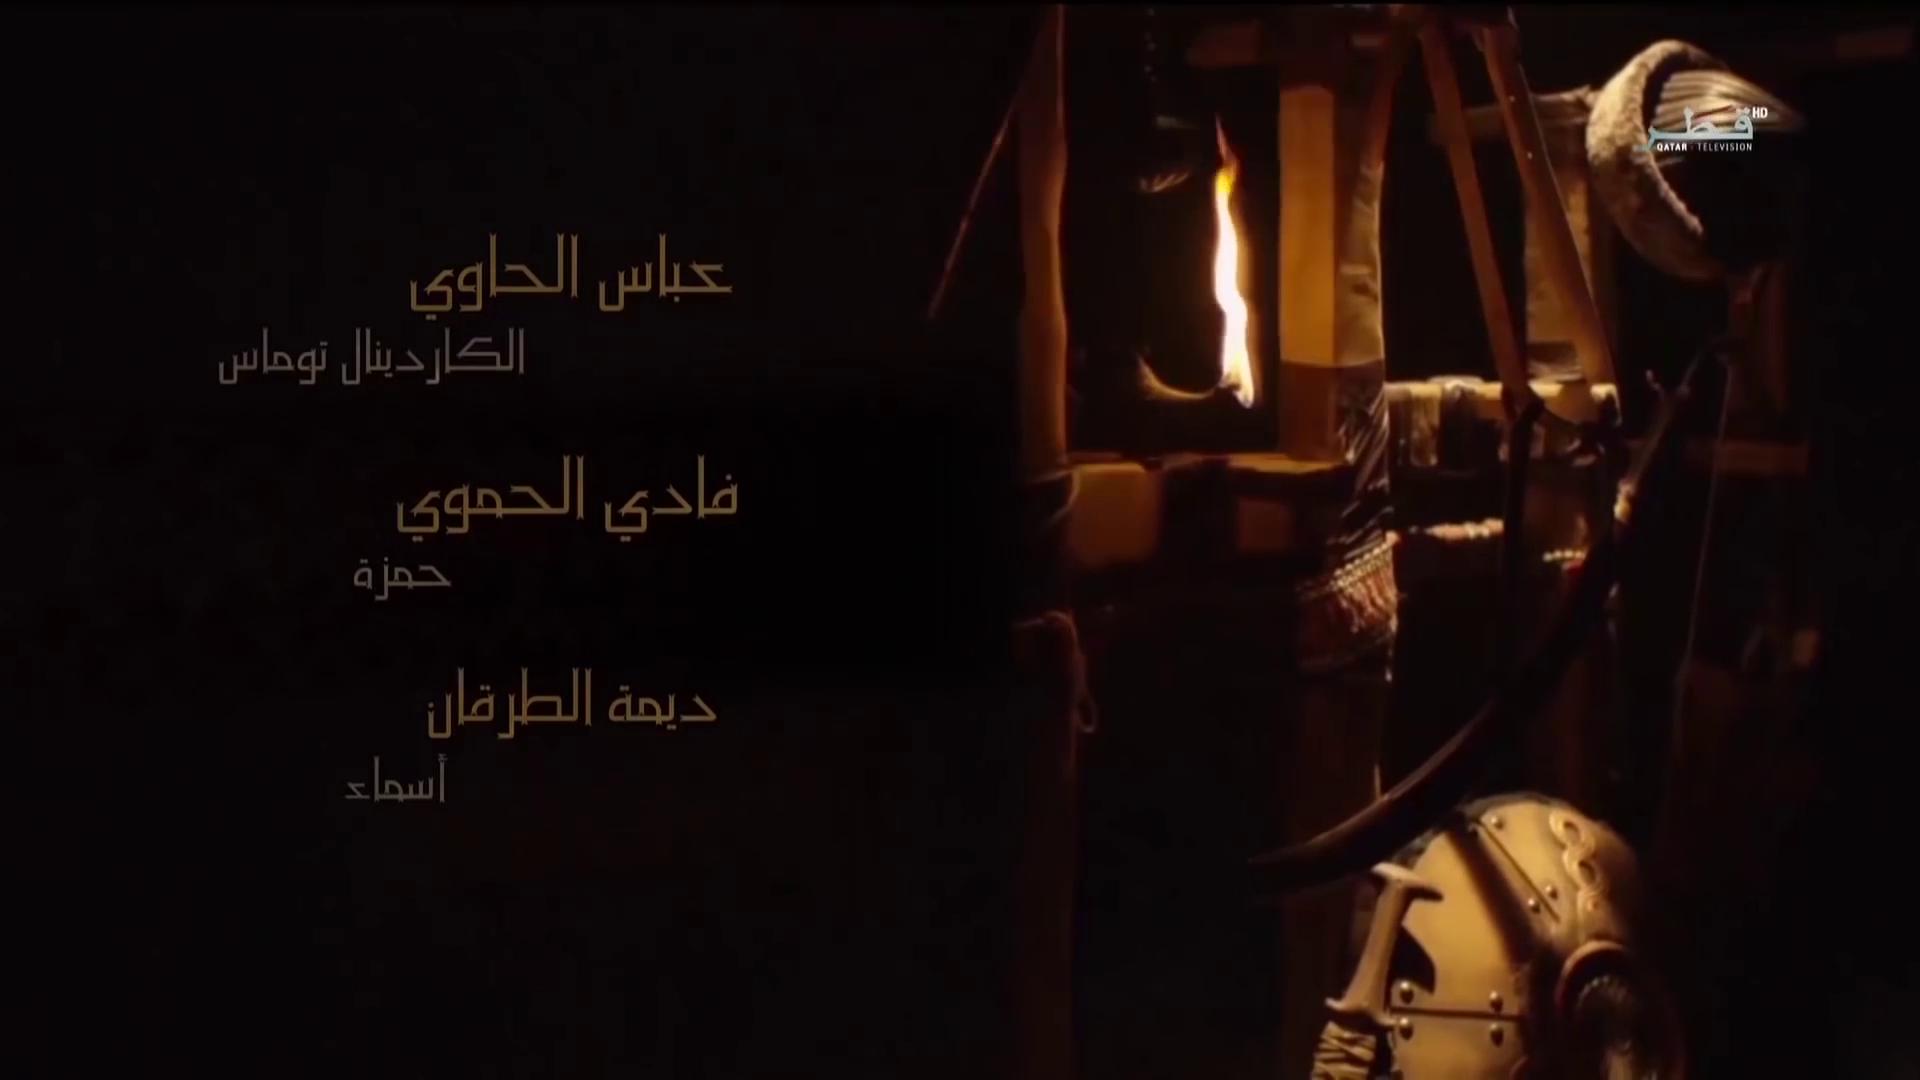 مسلسل قيامة أرطغرل [كامل الحلقات والمواسم] (مدبلج) ج1 || FHDTV 1080p تحميل تورنت 10 arabp2p.com